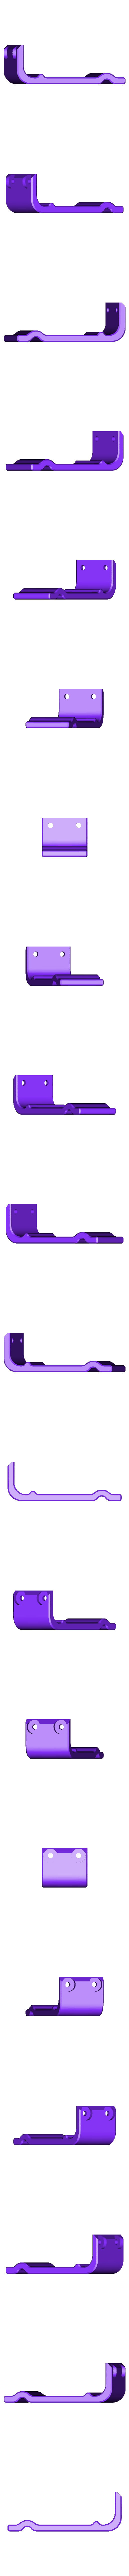 """clip.stl Télécharger fichier STL gratuit OTF Knife Switch Blade (Fonctionnel) version """"améliorée"""" v1.2 • Modèle imprimable en 3D, mathiaspl20"""